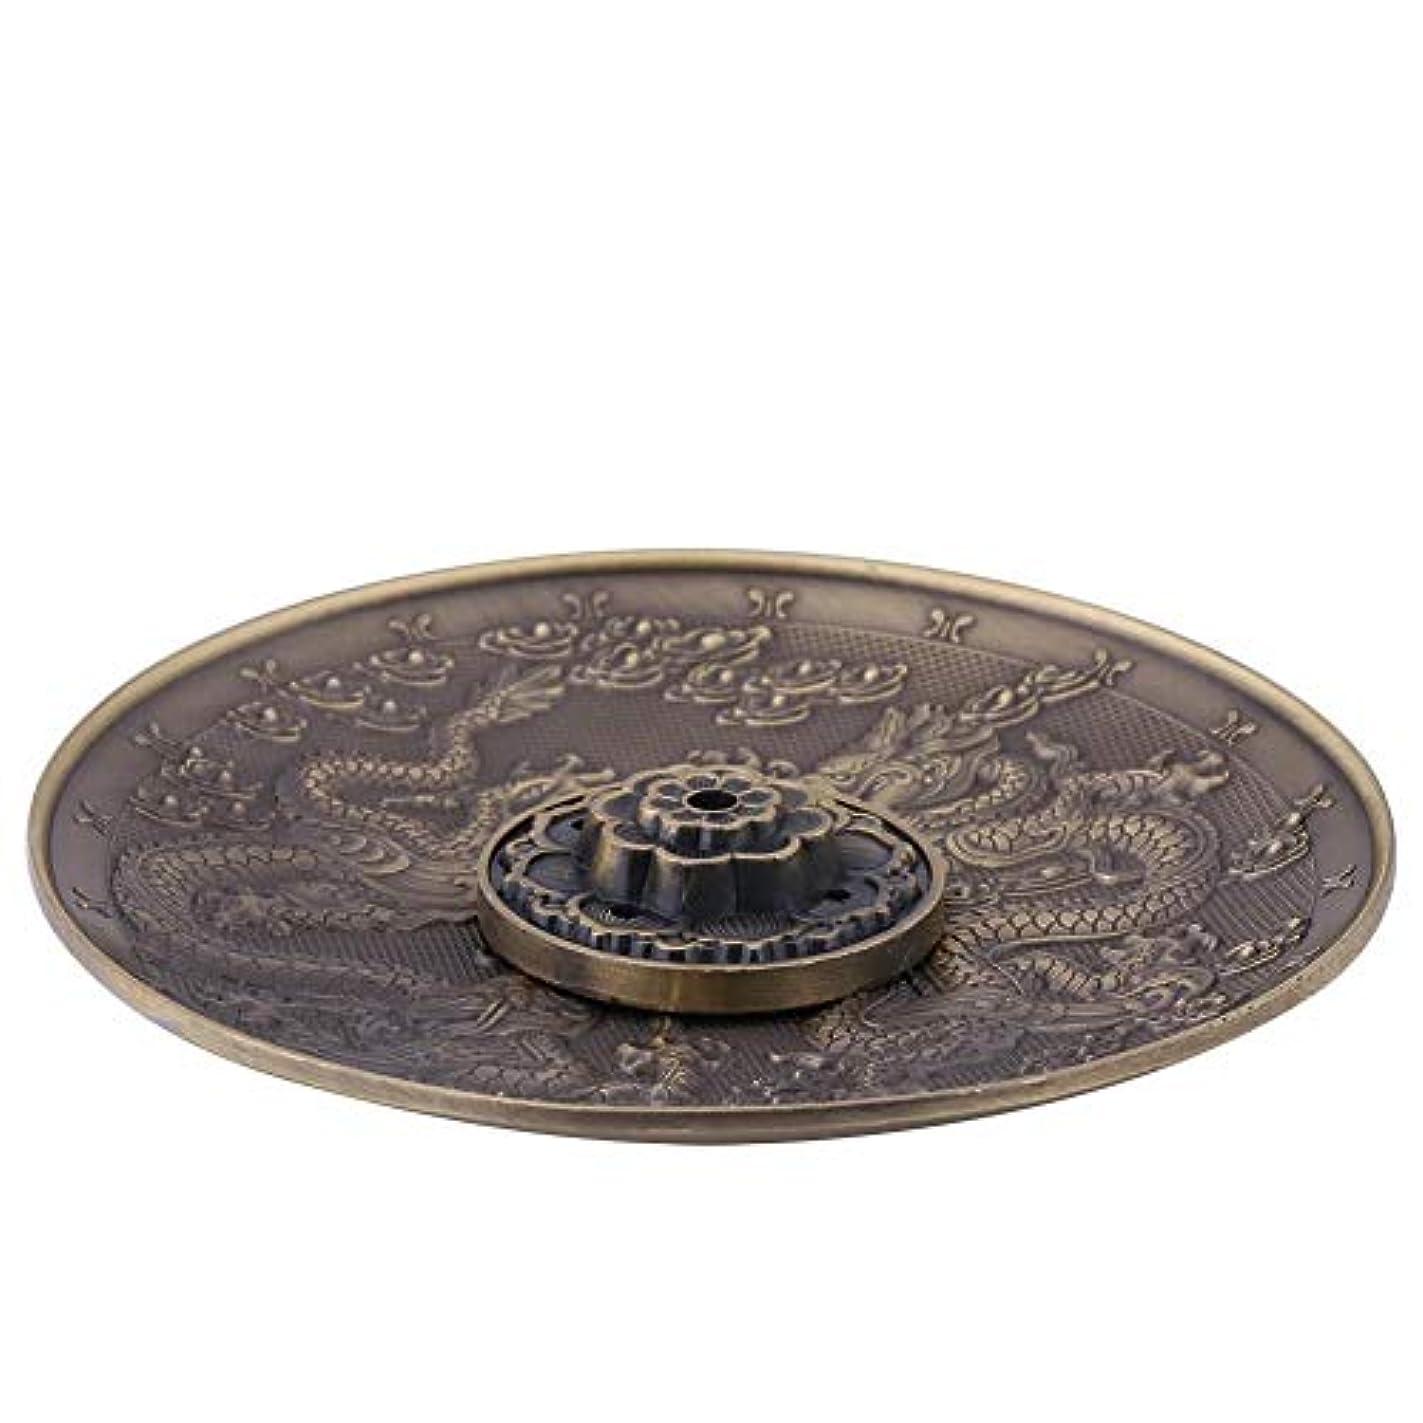 ピンポイント独立した充電金属バーナーホルダー5穴亜鉛合金の香りバーナーホルダー 寝室の寺院の装飾 ドラゴンパターンの香炉プレート(#2)